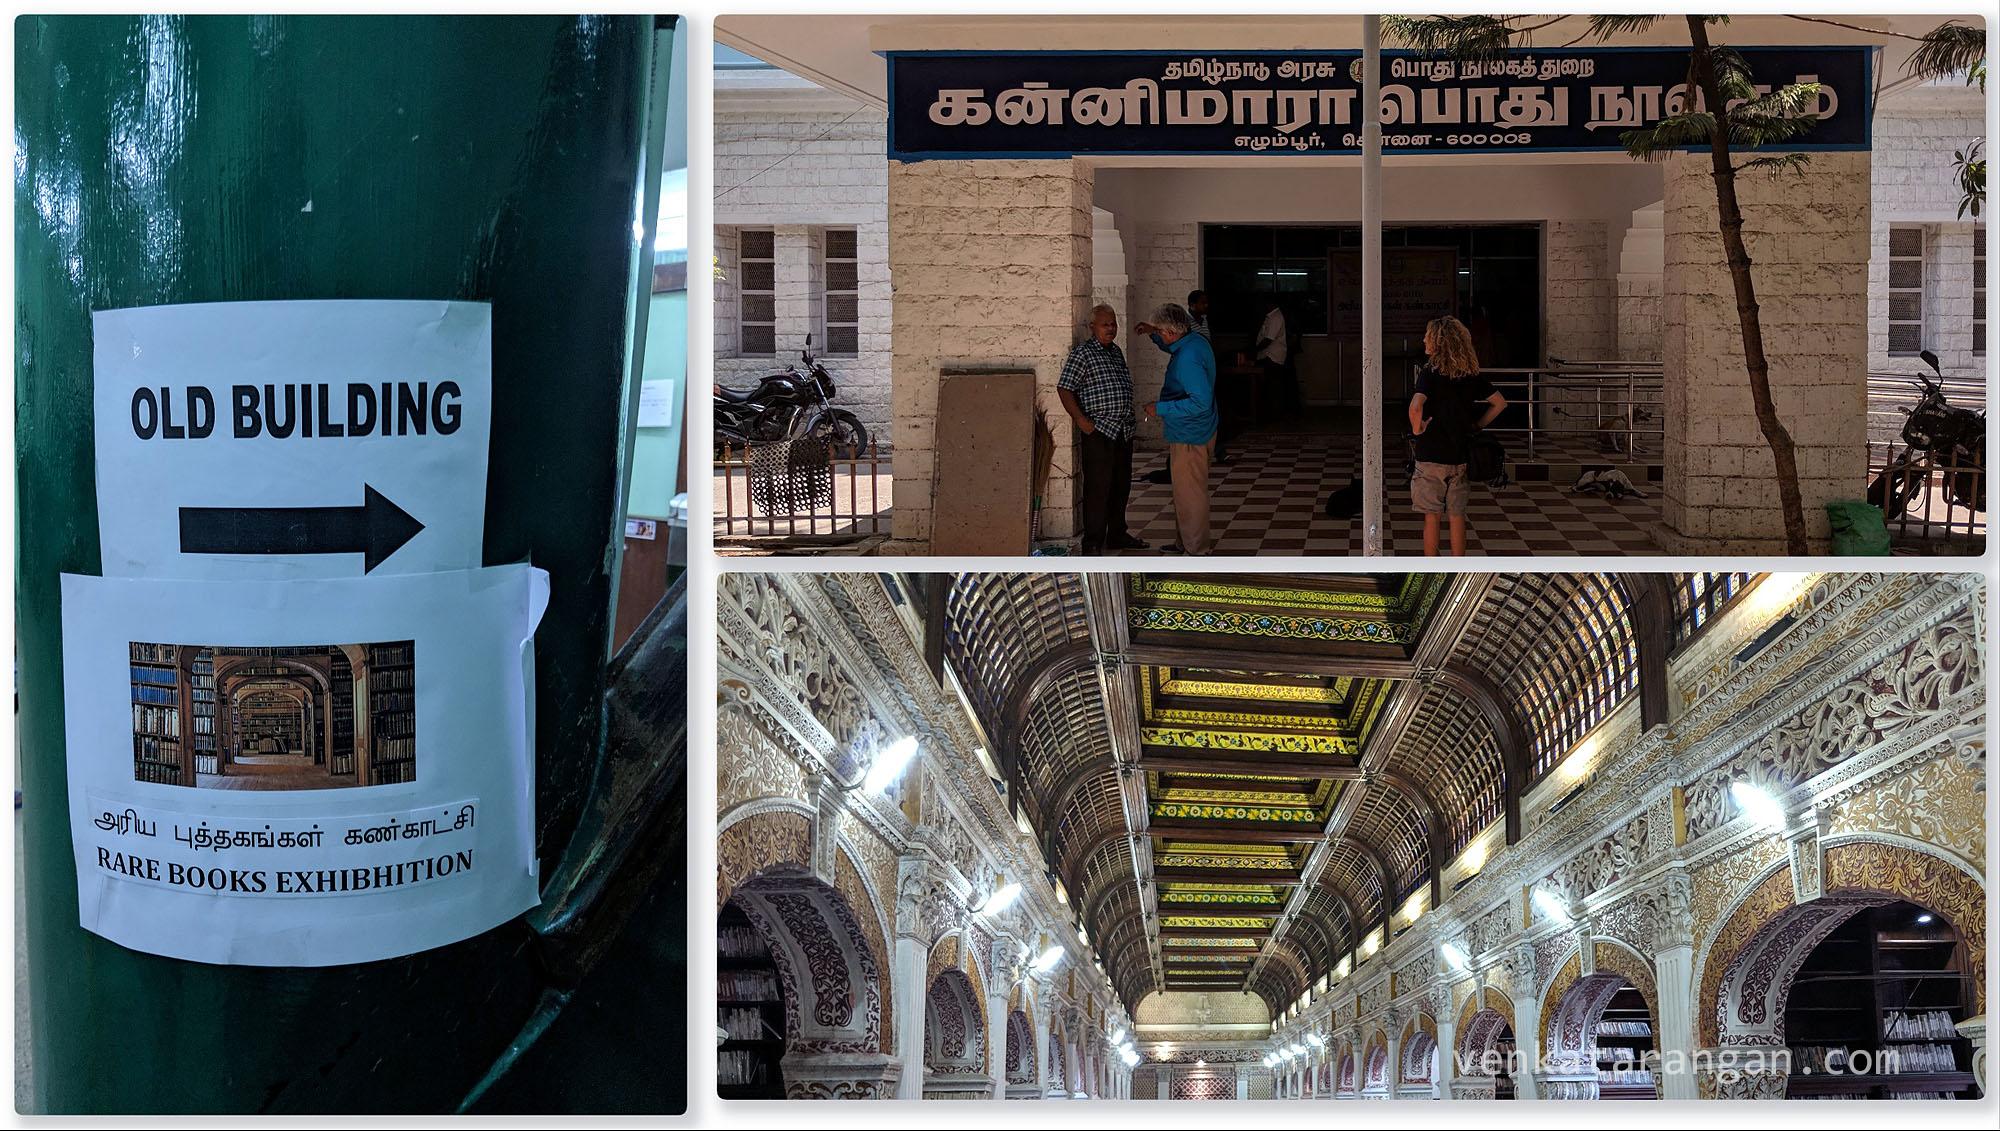 Connemara Public Library at Chennai - - கன்னிமாரா பொது நூலகம், எழும்பூர், சென்னை